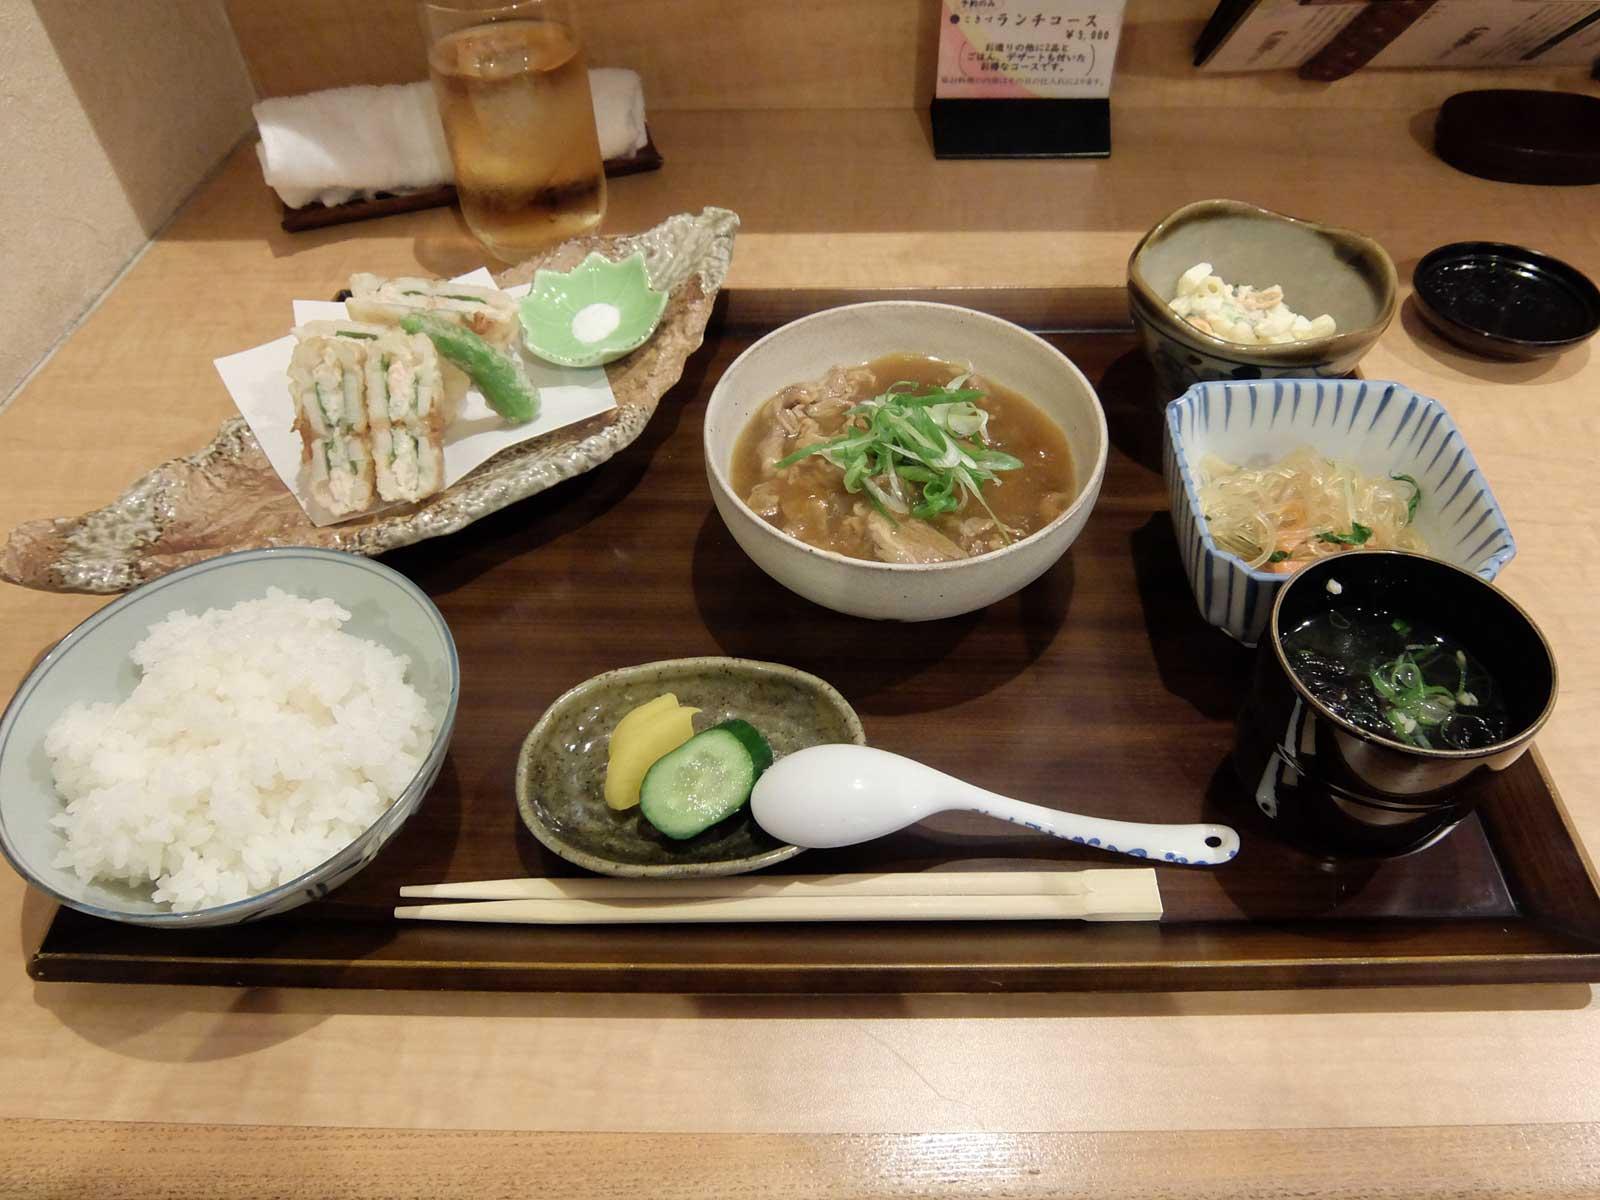 和食家 こきづ 週替り定食 in 北新地 梅田 大阪 ランチ